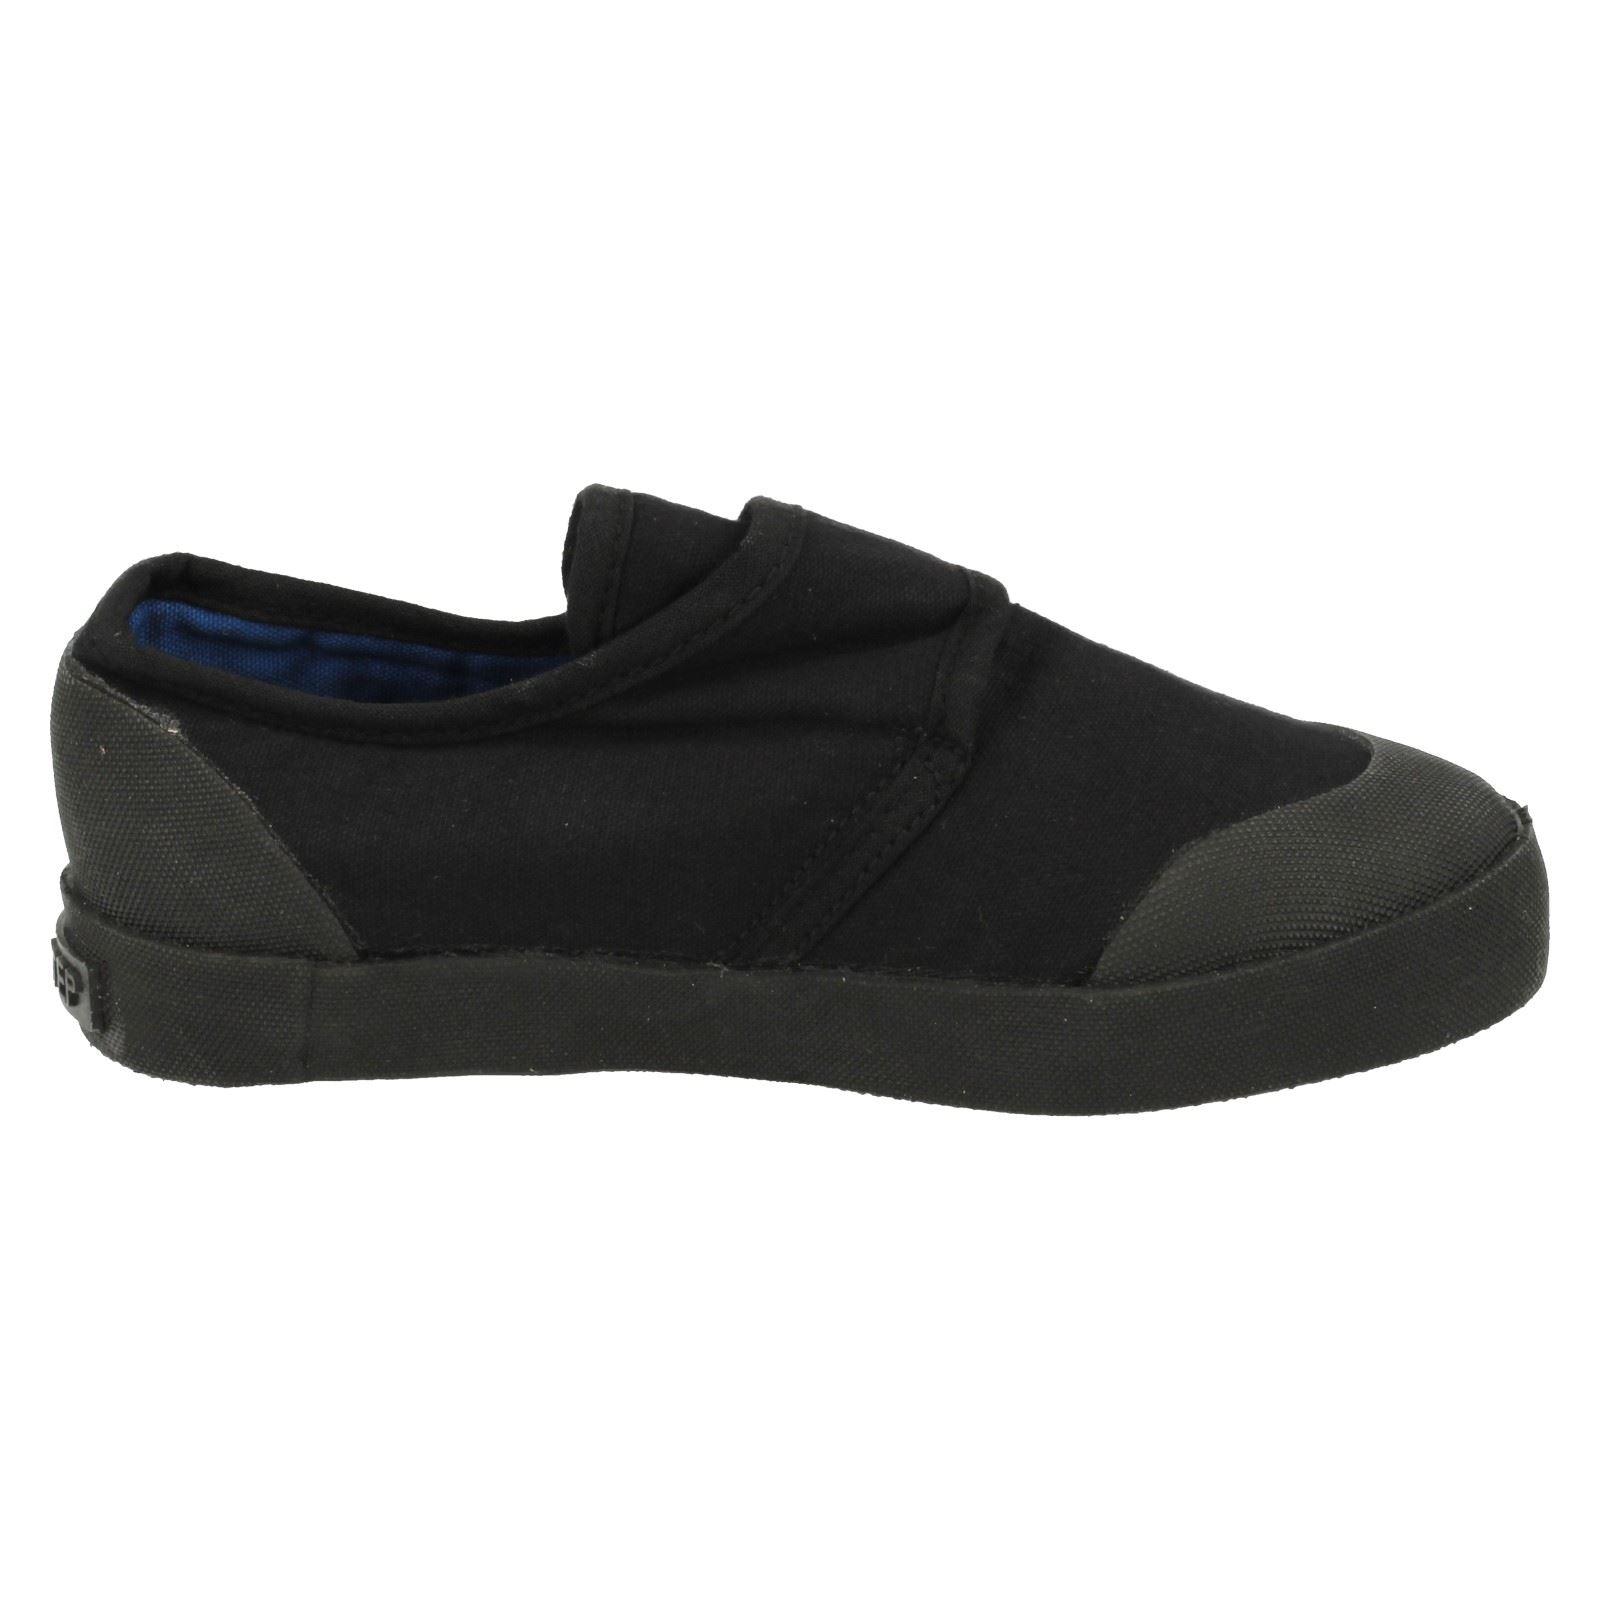 Unisex Childrens Black Plimsolls 322-7303